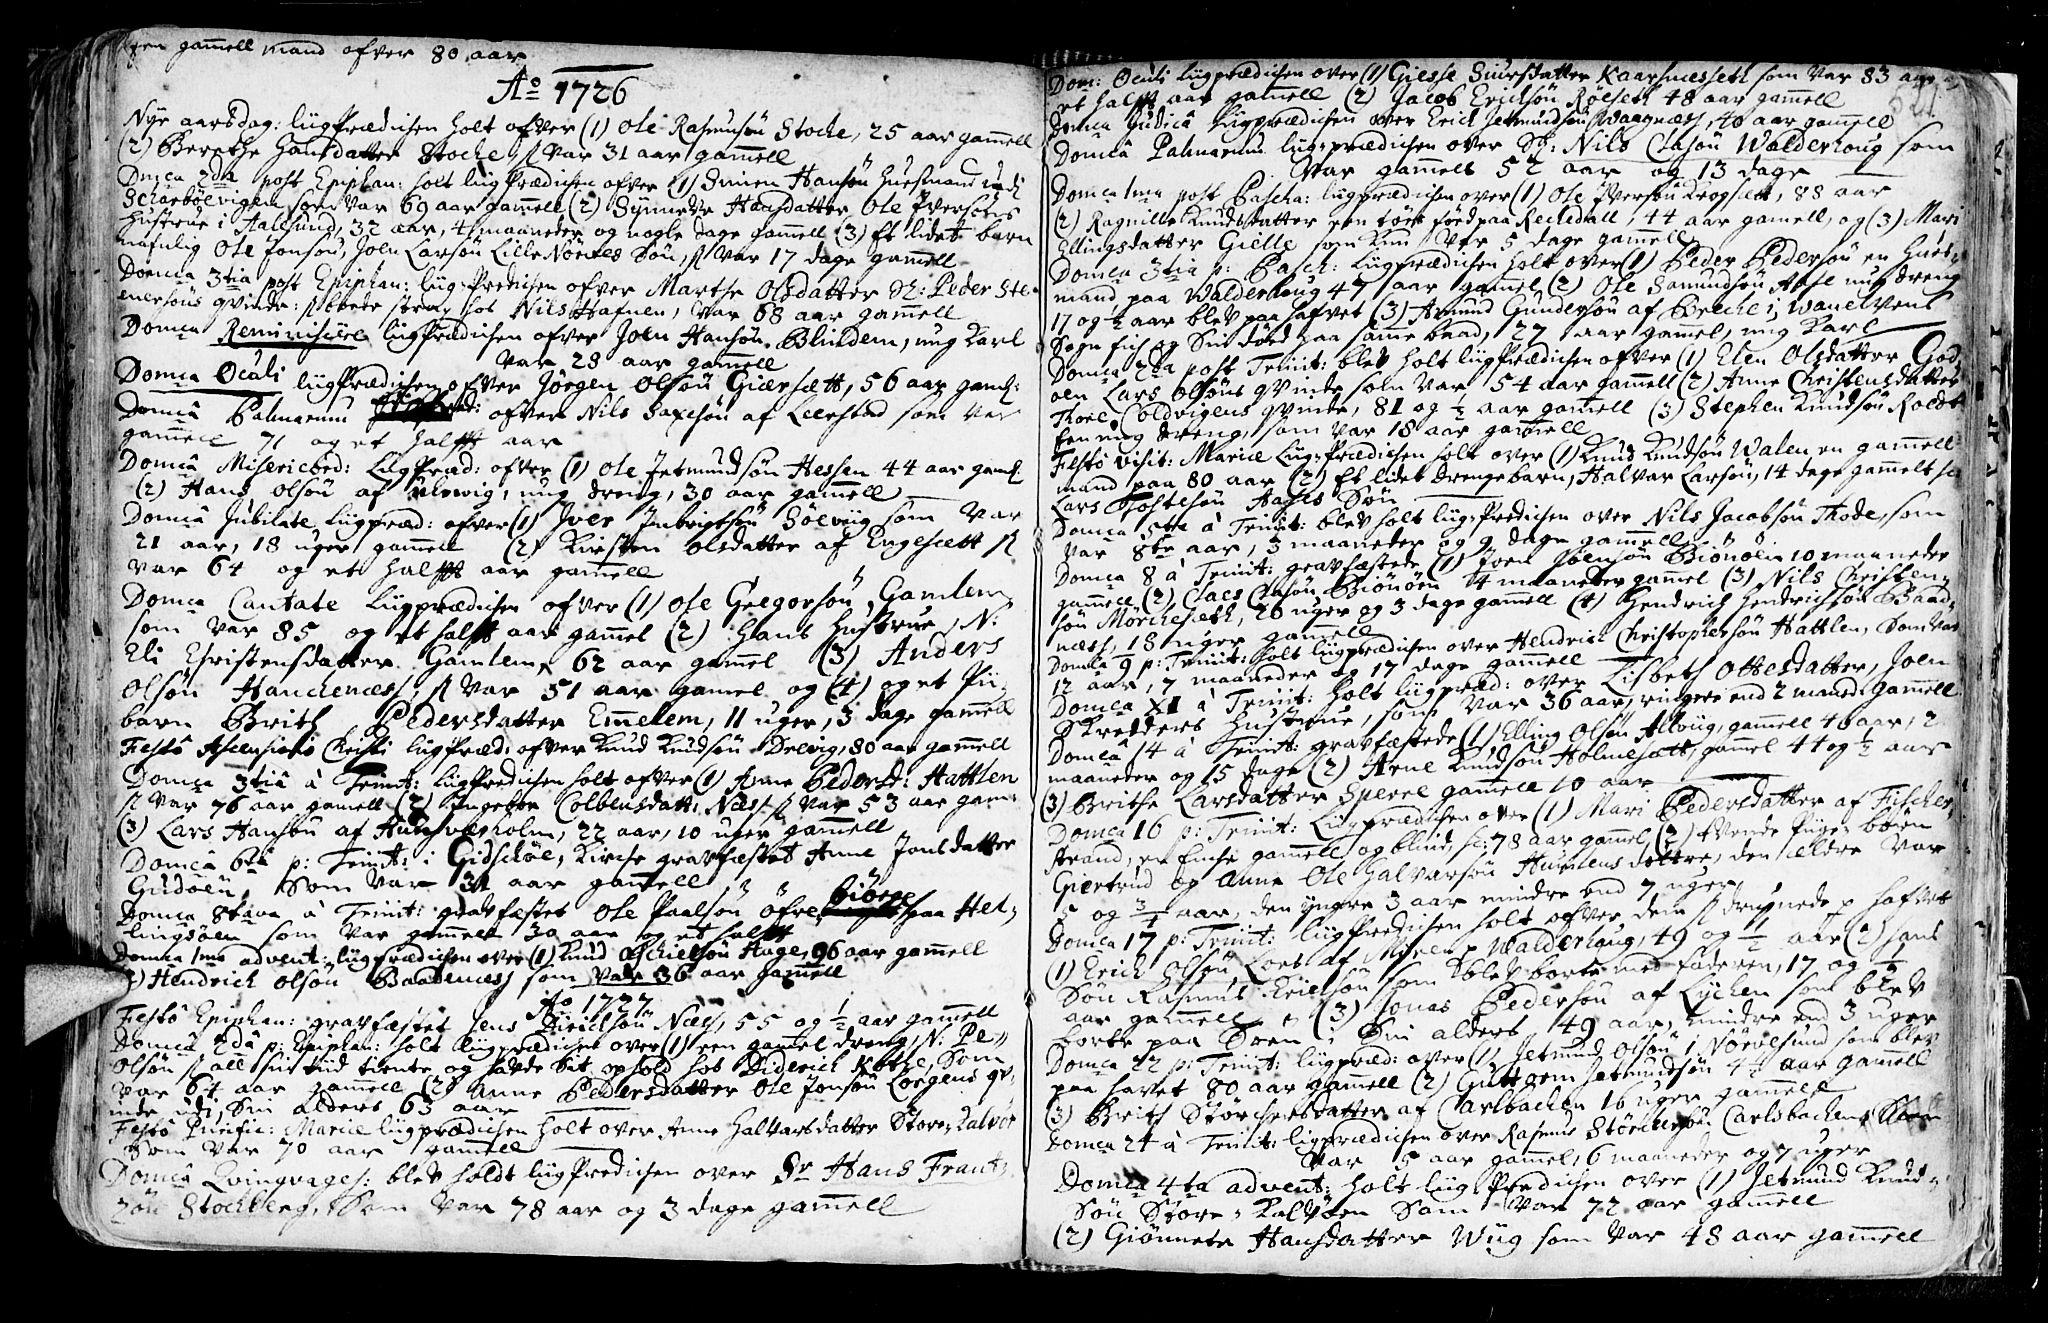 SAT, Ministerialprotokoller, klokkerbøker og fødselsregistre - Møre og Romsdal, 528/L0390: Ministerialbok nr. 528A01, 1698-1739, s. 520-521